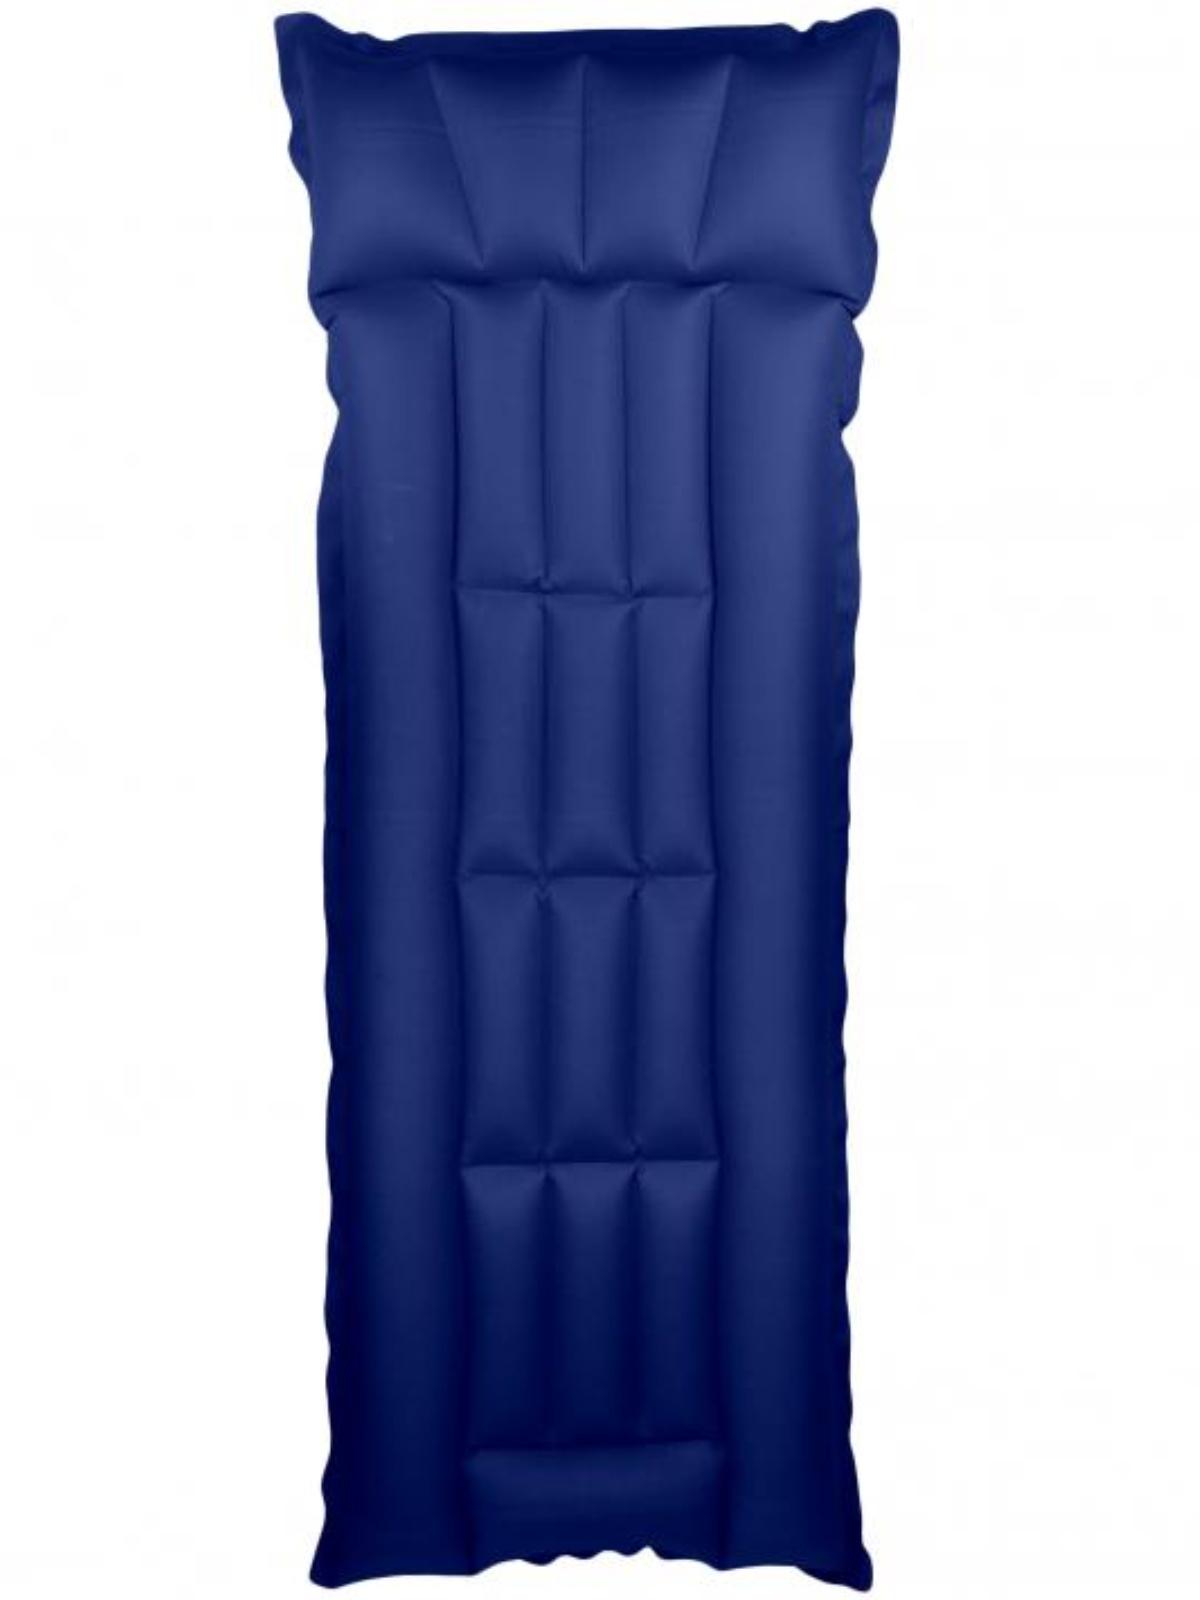 Nafukovací lehátko gumotextilní Bára 2 dílné - modré